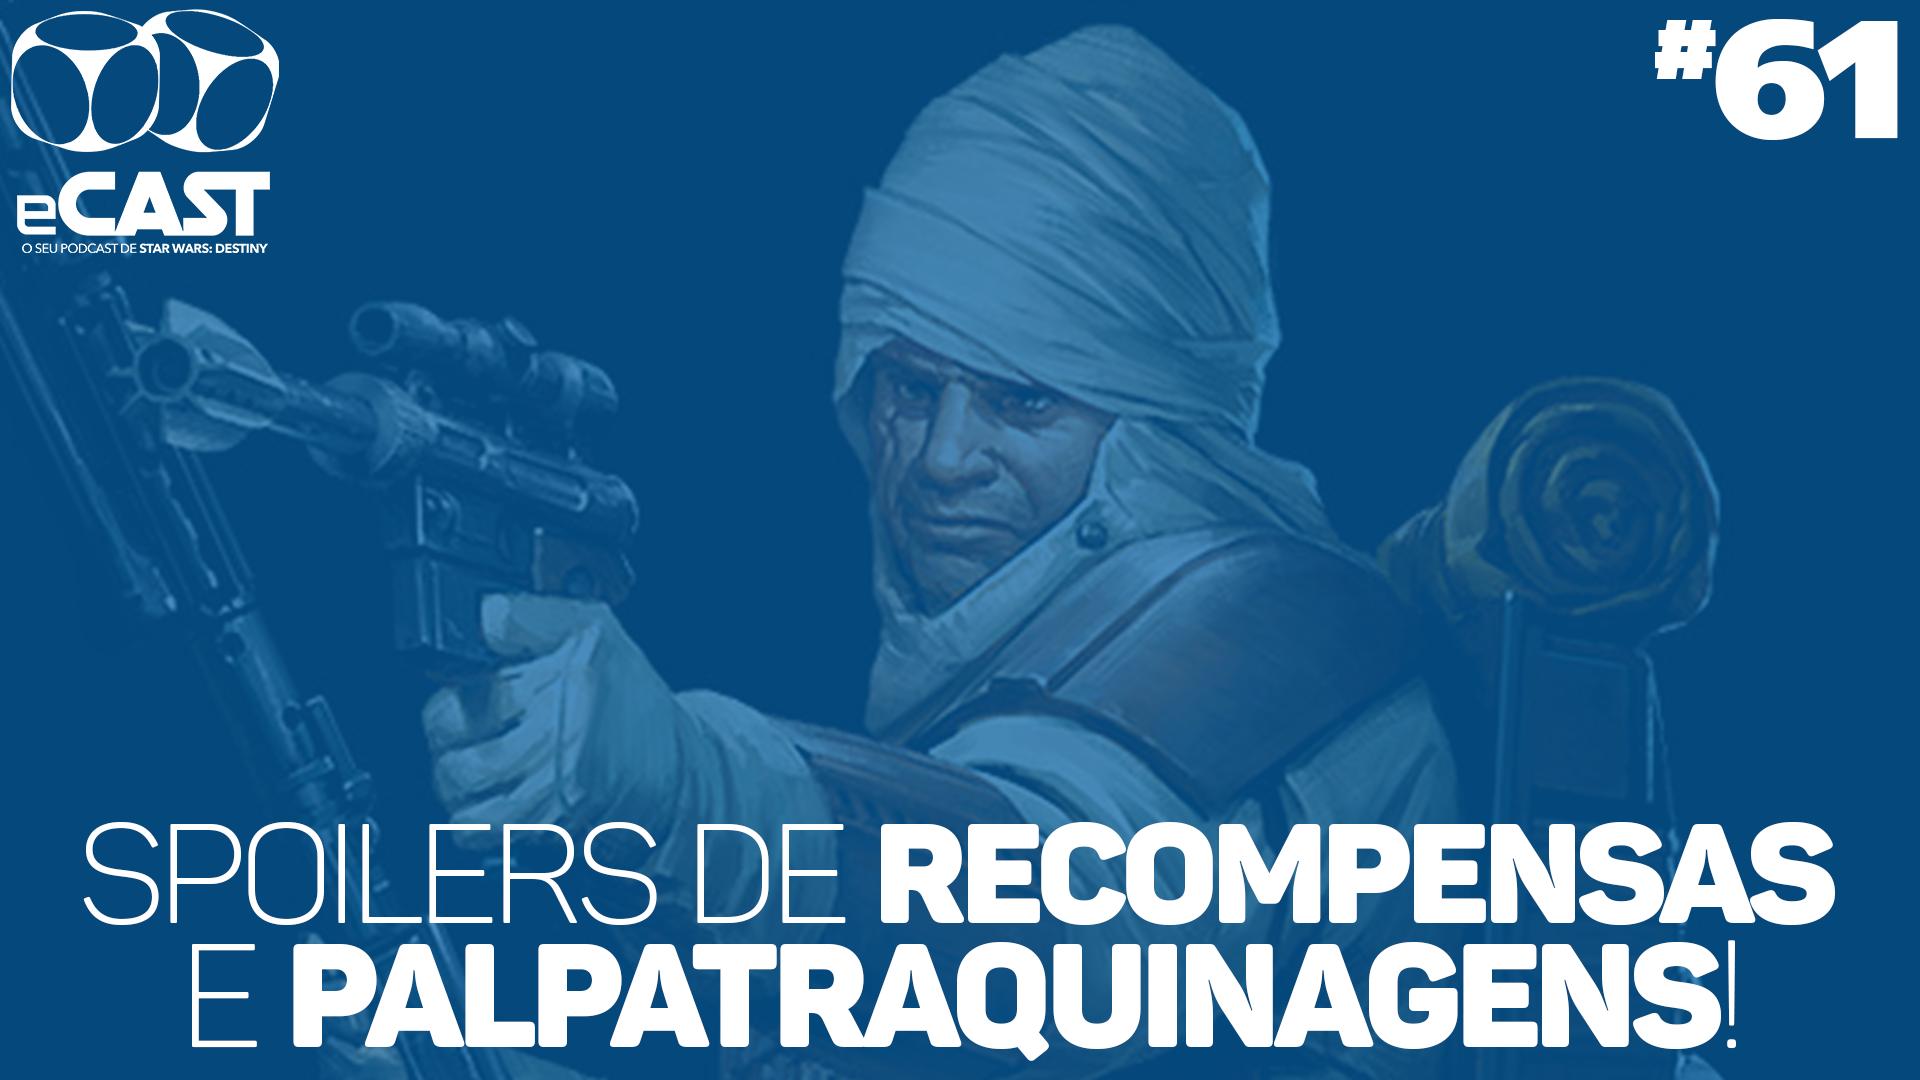 eCast 61 – Spoilers de recompensas e Palpatraquinagens!